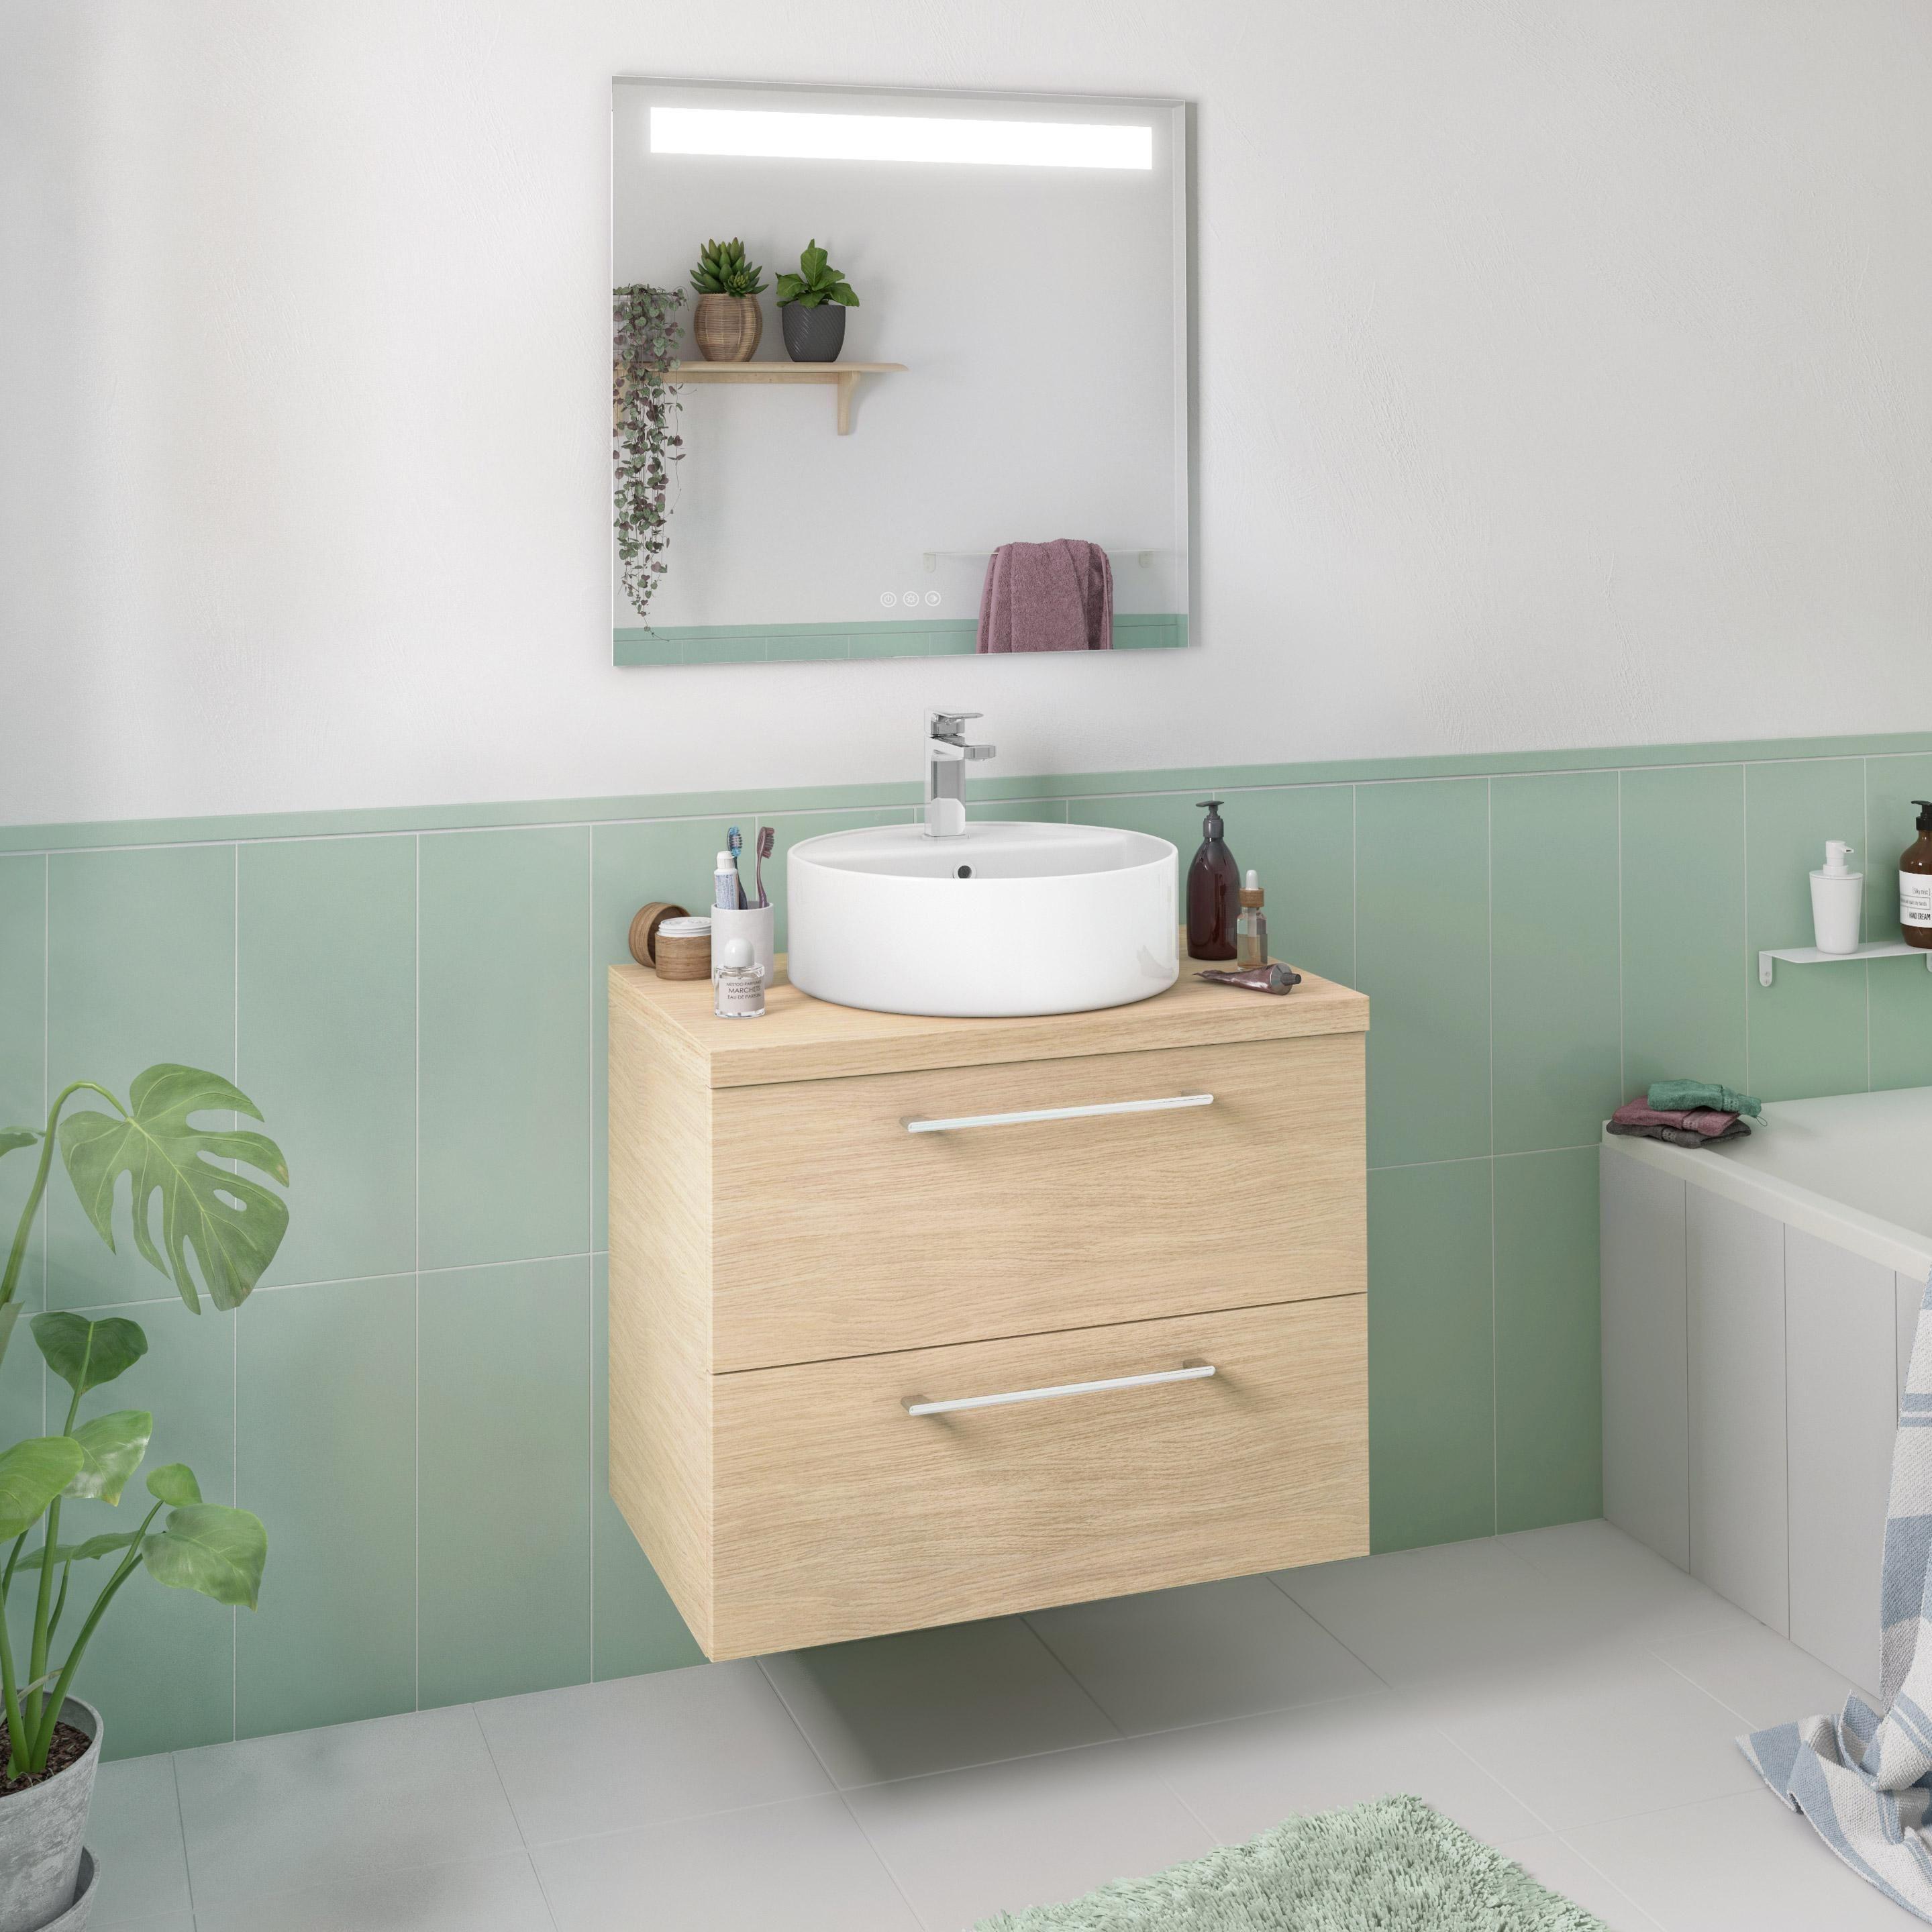 Cesta Bucato Leroy Merlin meuble simple vasque l.75 x h.58 x p.48 cm, effet chêne